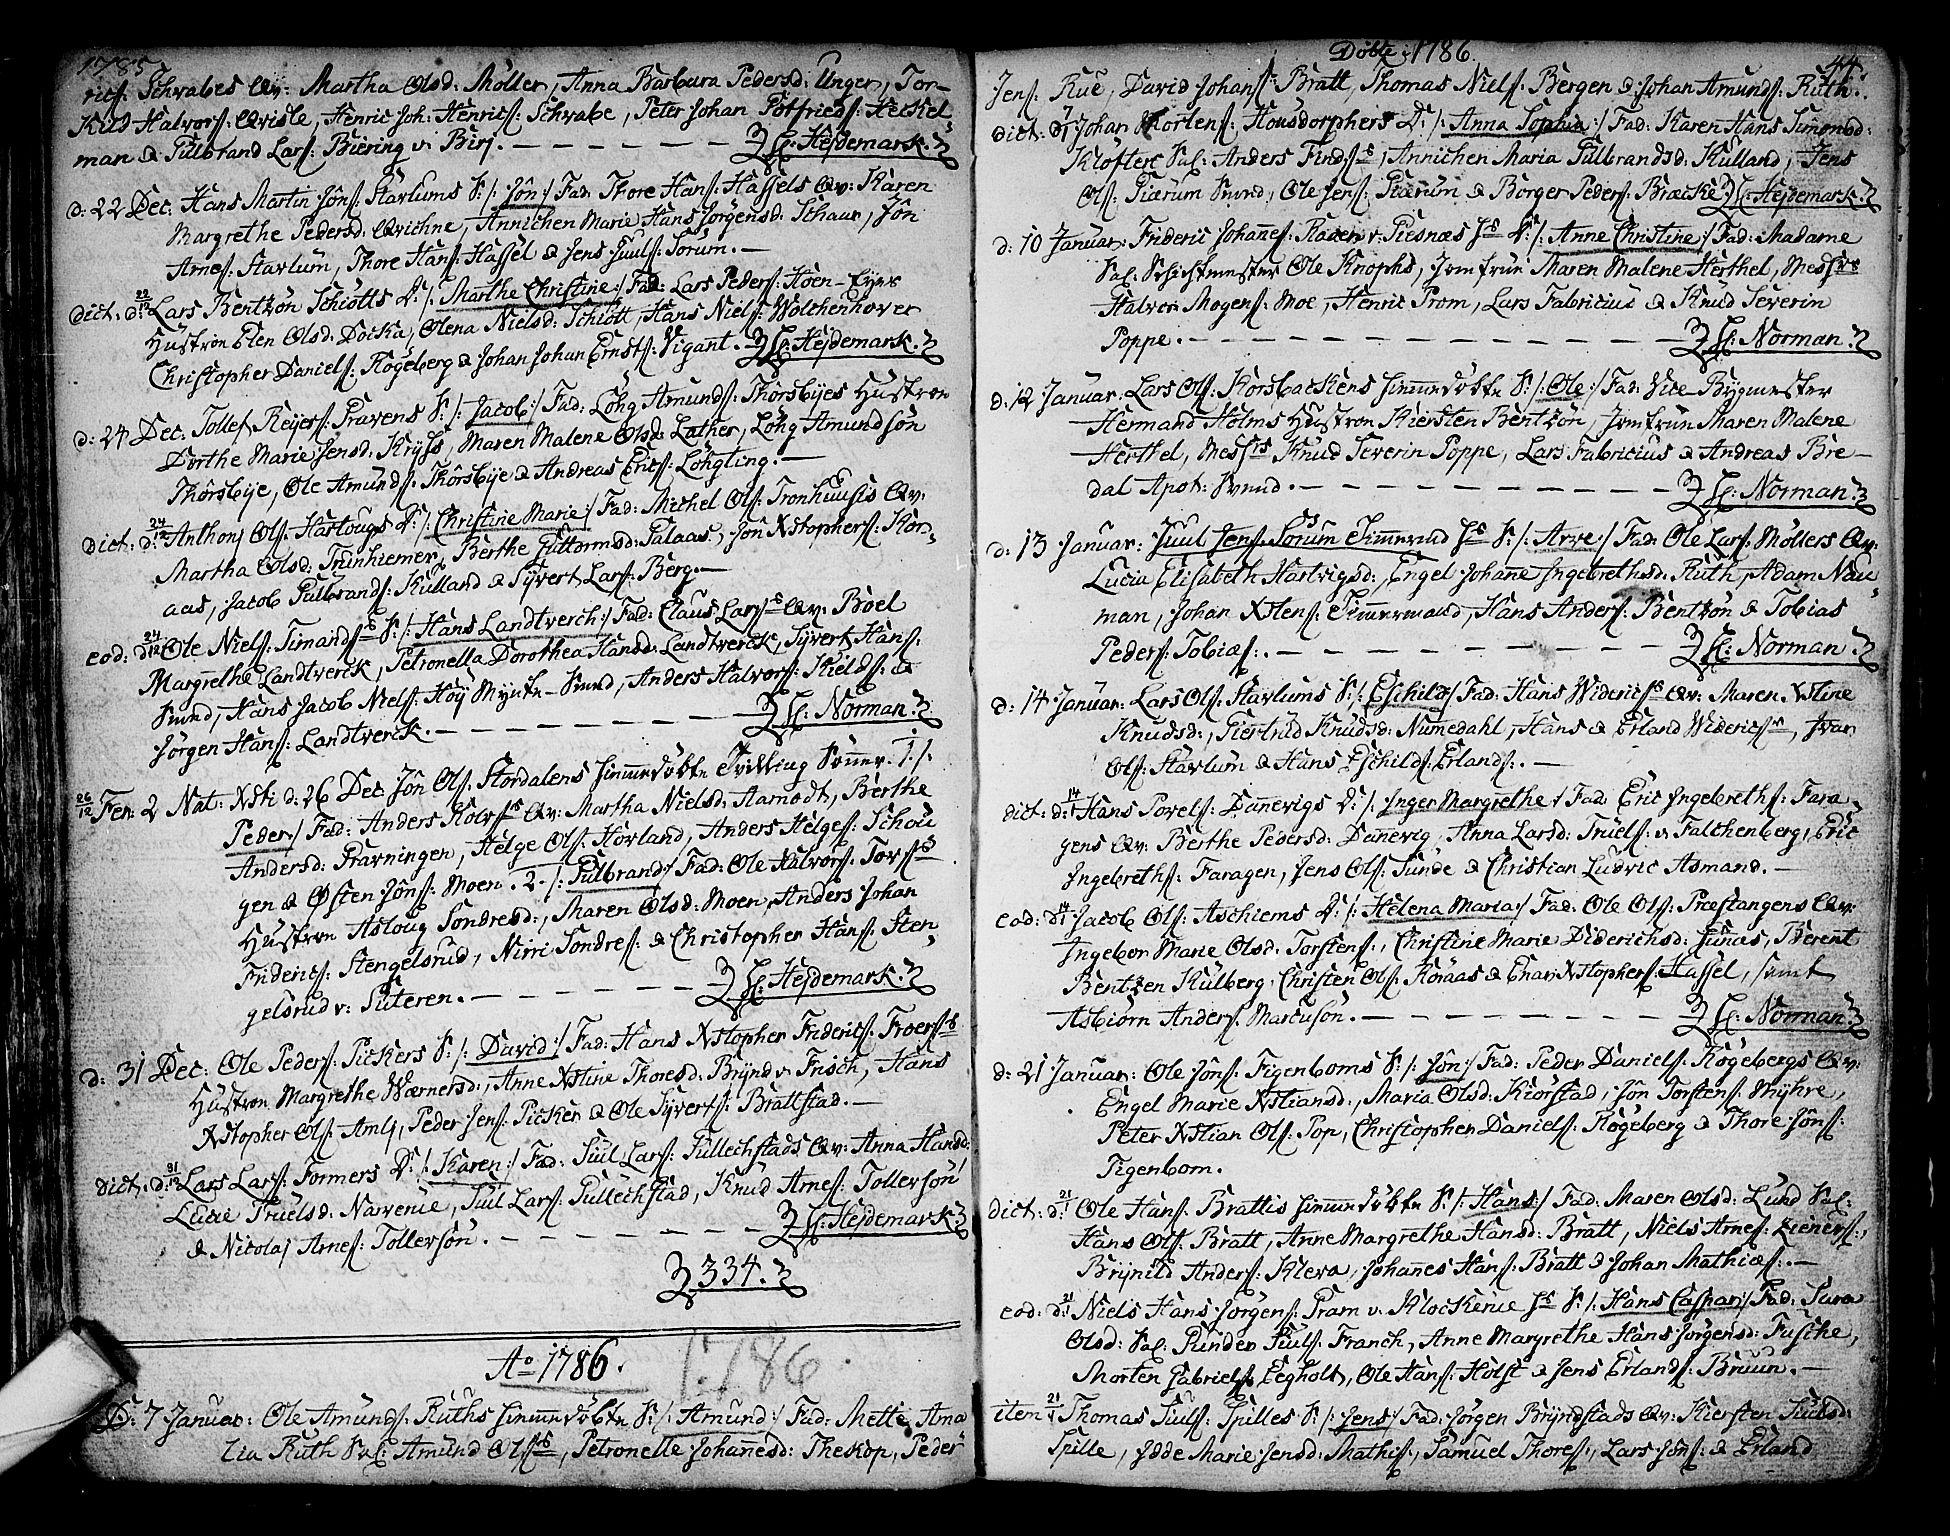 SAKO, Kongsberg kirkebøker, F/Fa/L0006: Ministerialbok nr. I 6, 1783-1797, s. 44